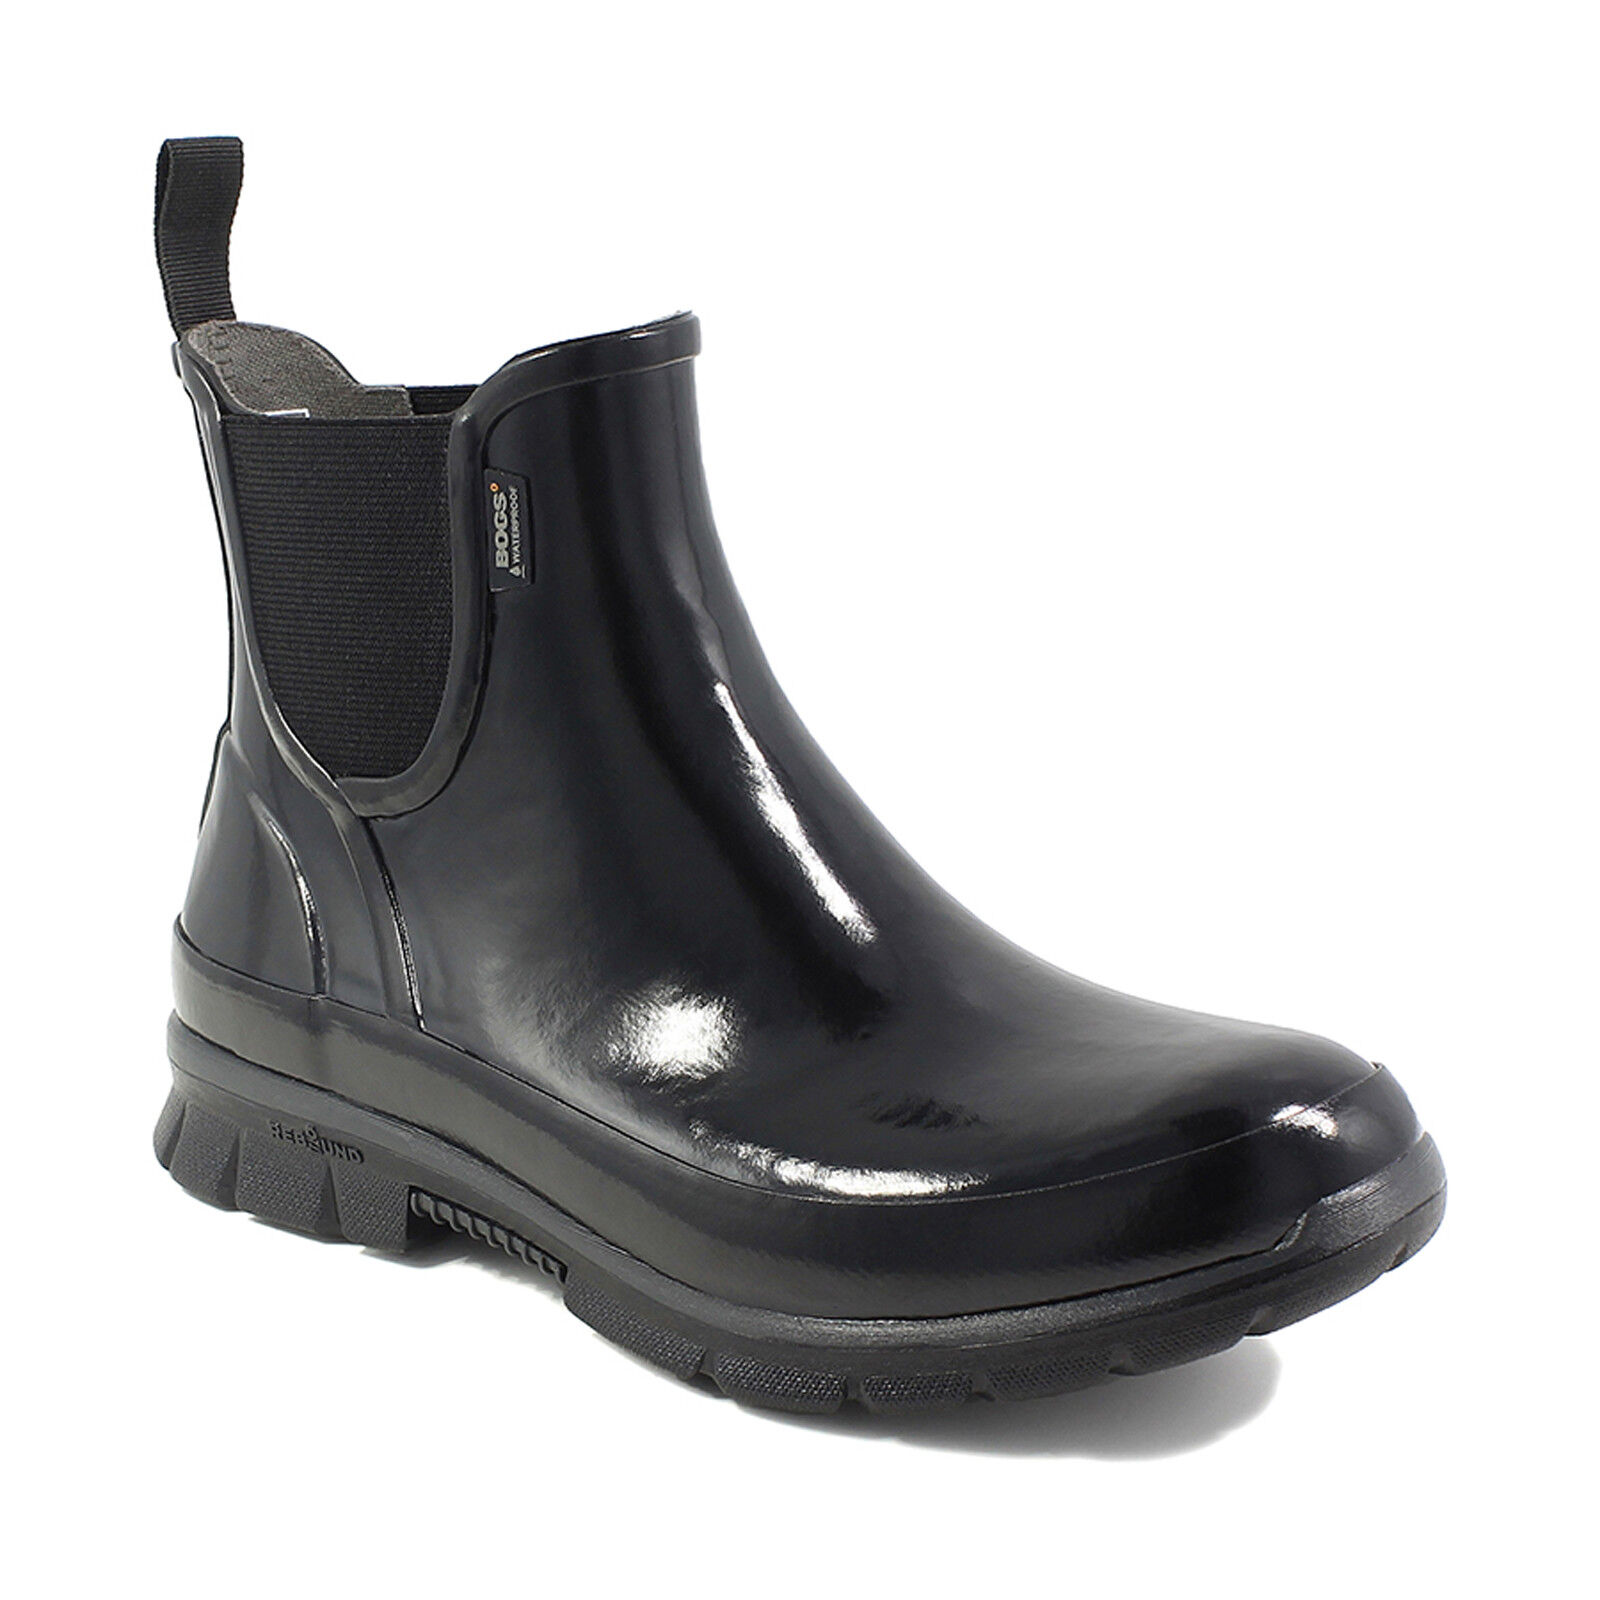 Bogs Waterproof Neoprene Amanda  Damenschuhe Warm Slip On Lightweight Stiefel UK4-8